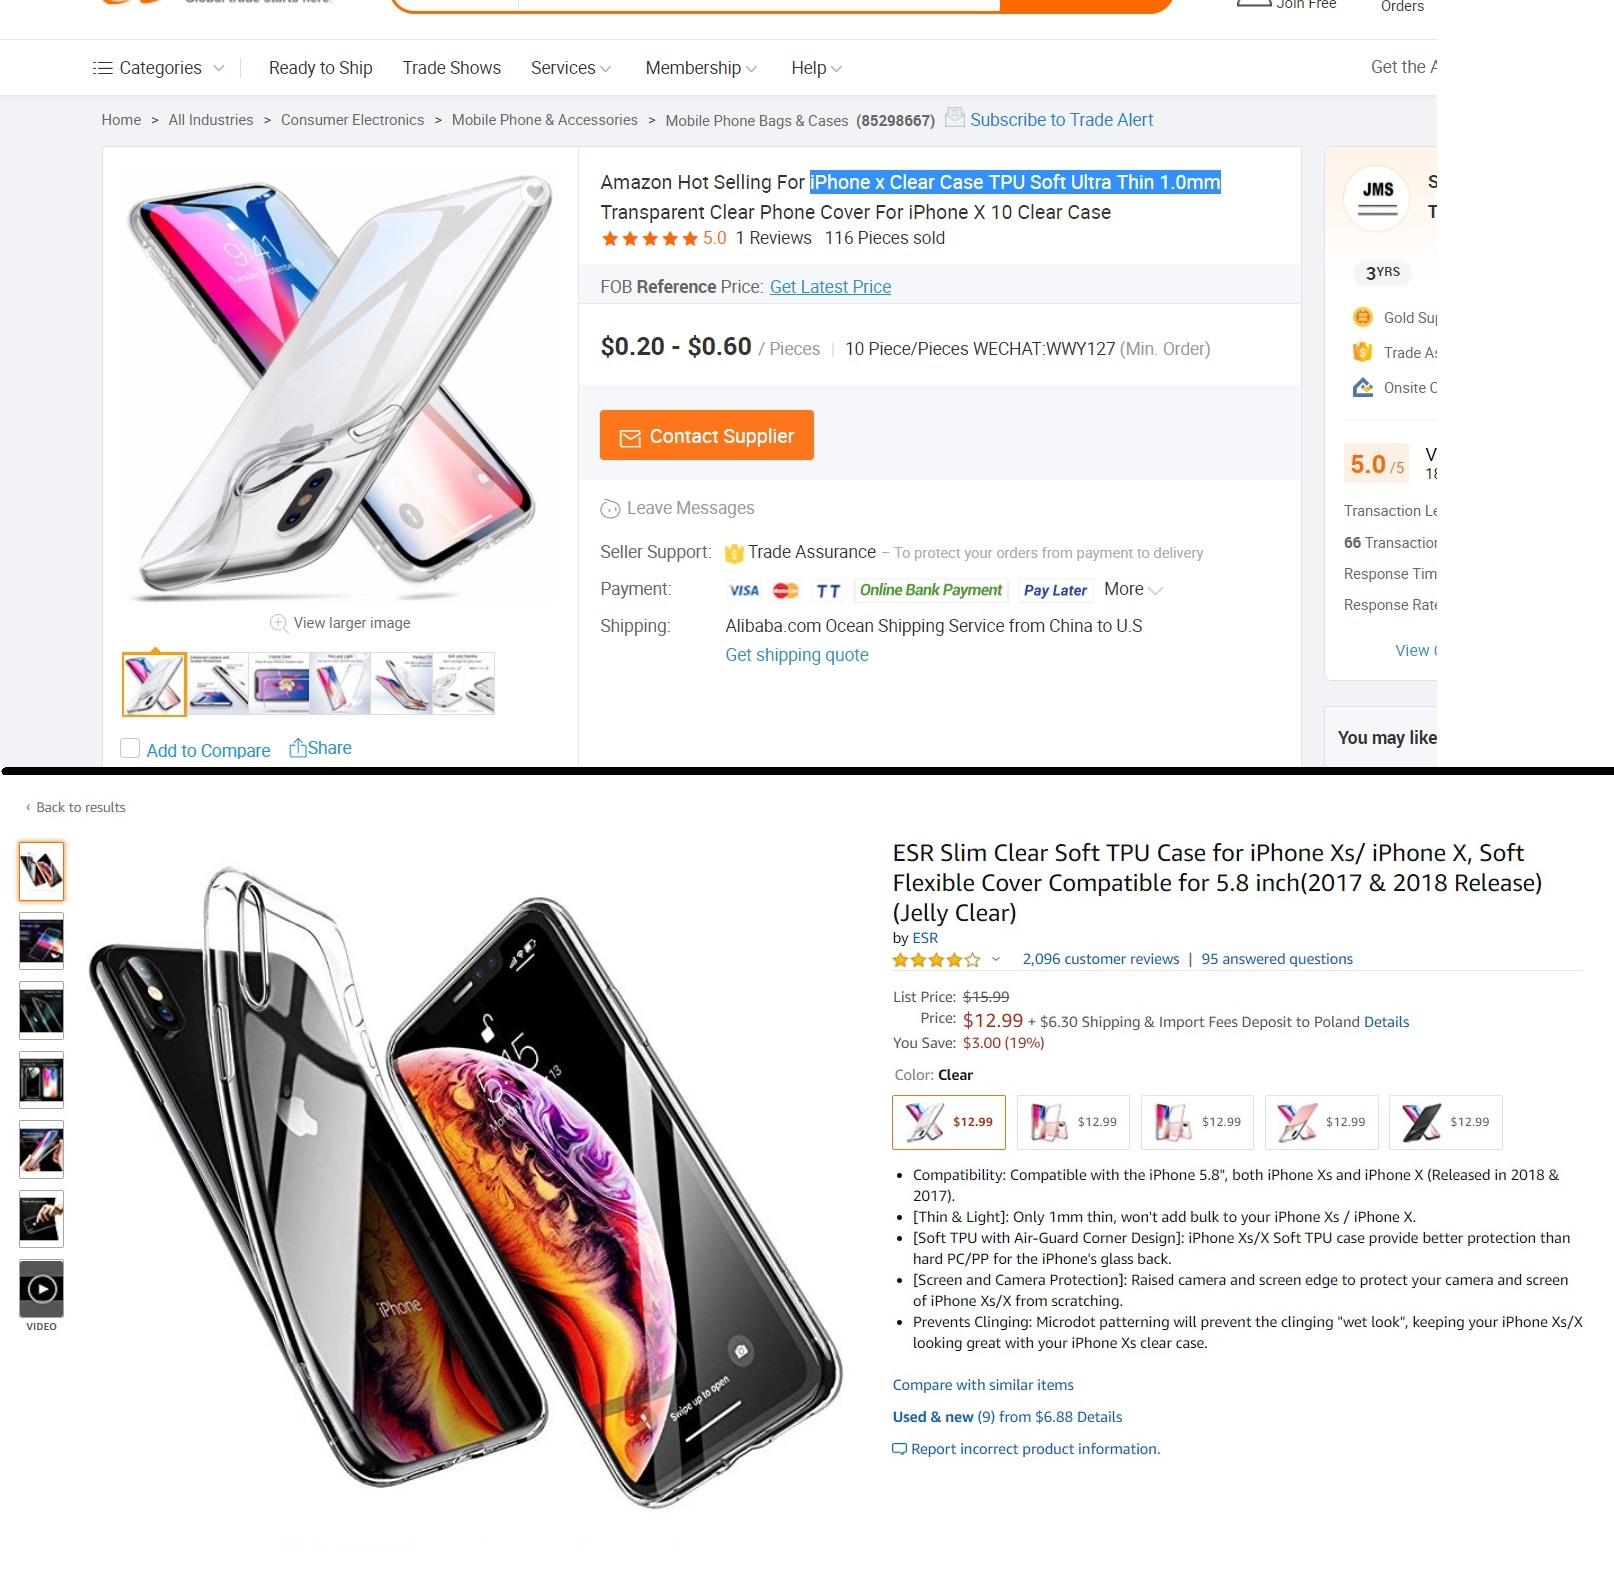 Alibaba Amazon